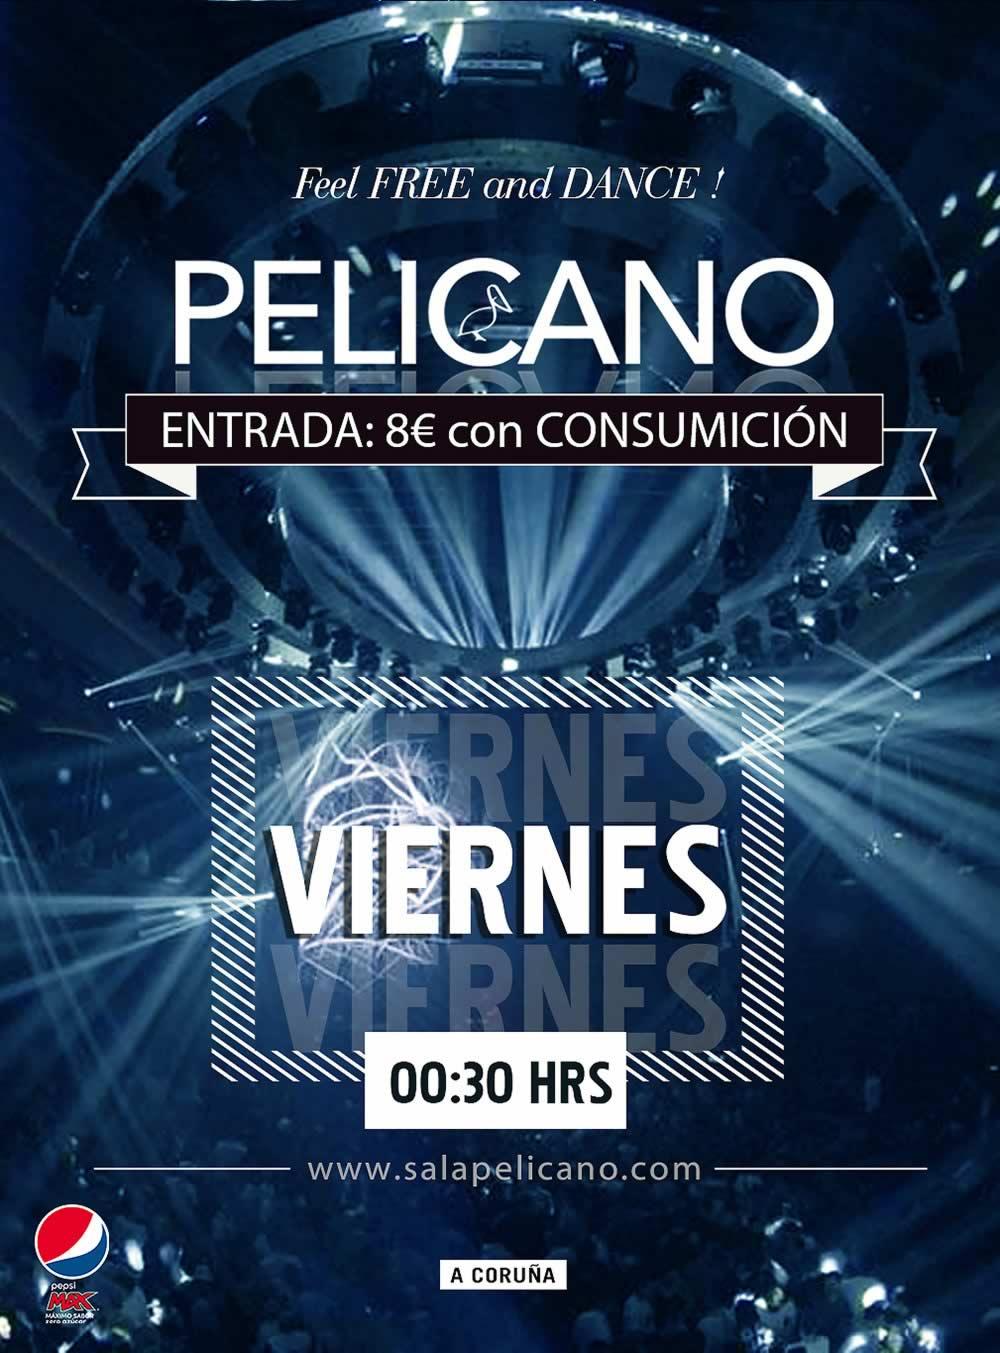 Fiesta Viernes